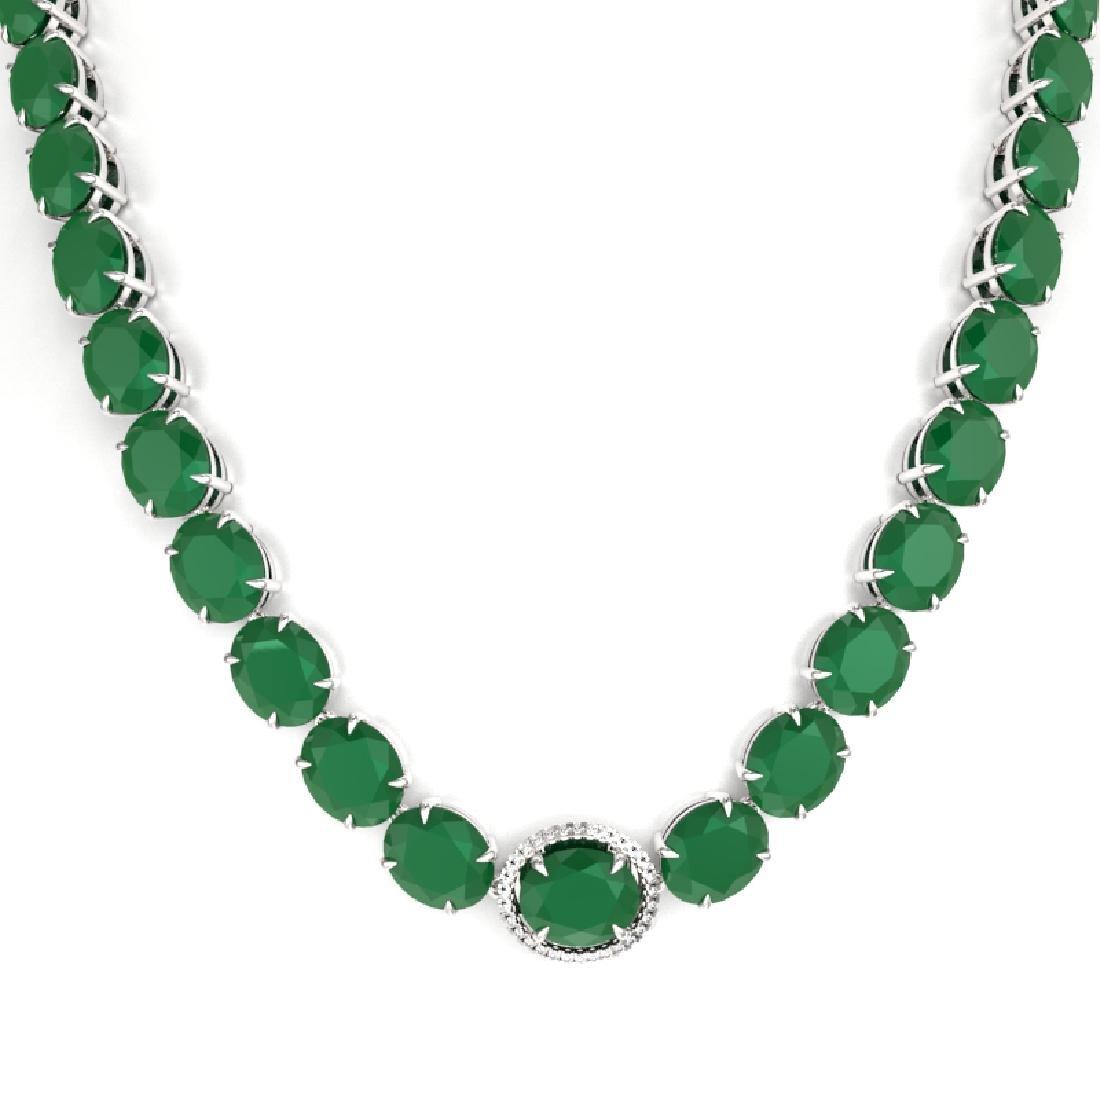 170 CTW Emerald & VS/SI Diamond Solitaire Necklace 14K - 2